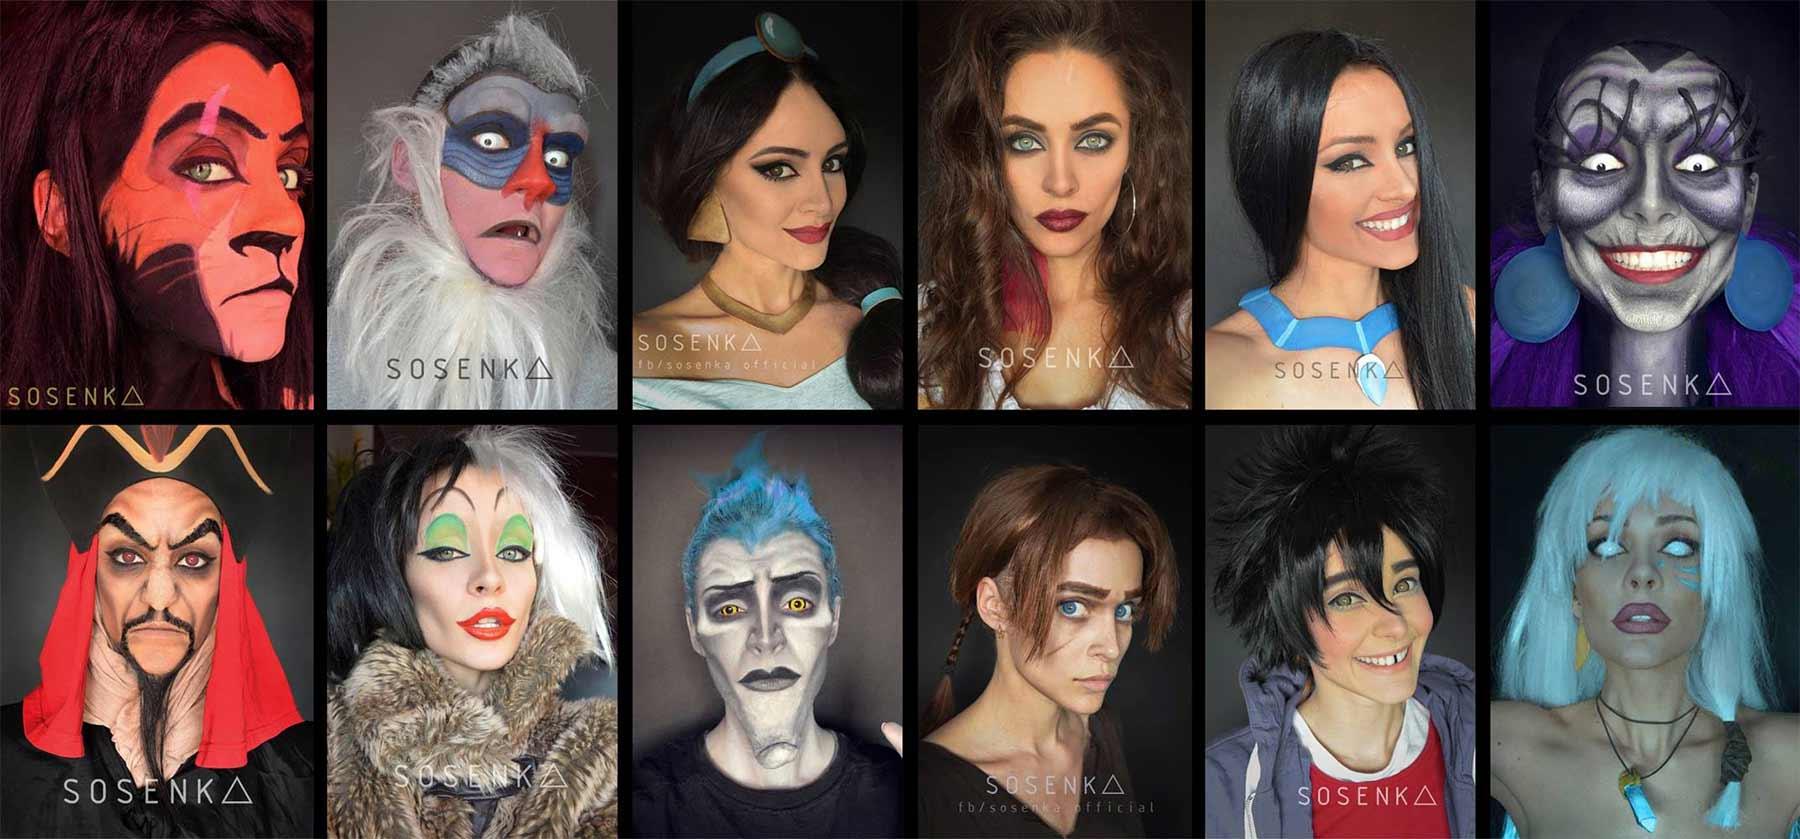 Cosplayerin Justyna Sosnowska kann sich in alles und jeden verwandeln sosenka-cosplay_09